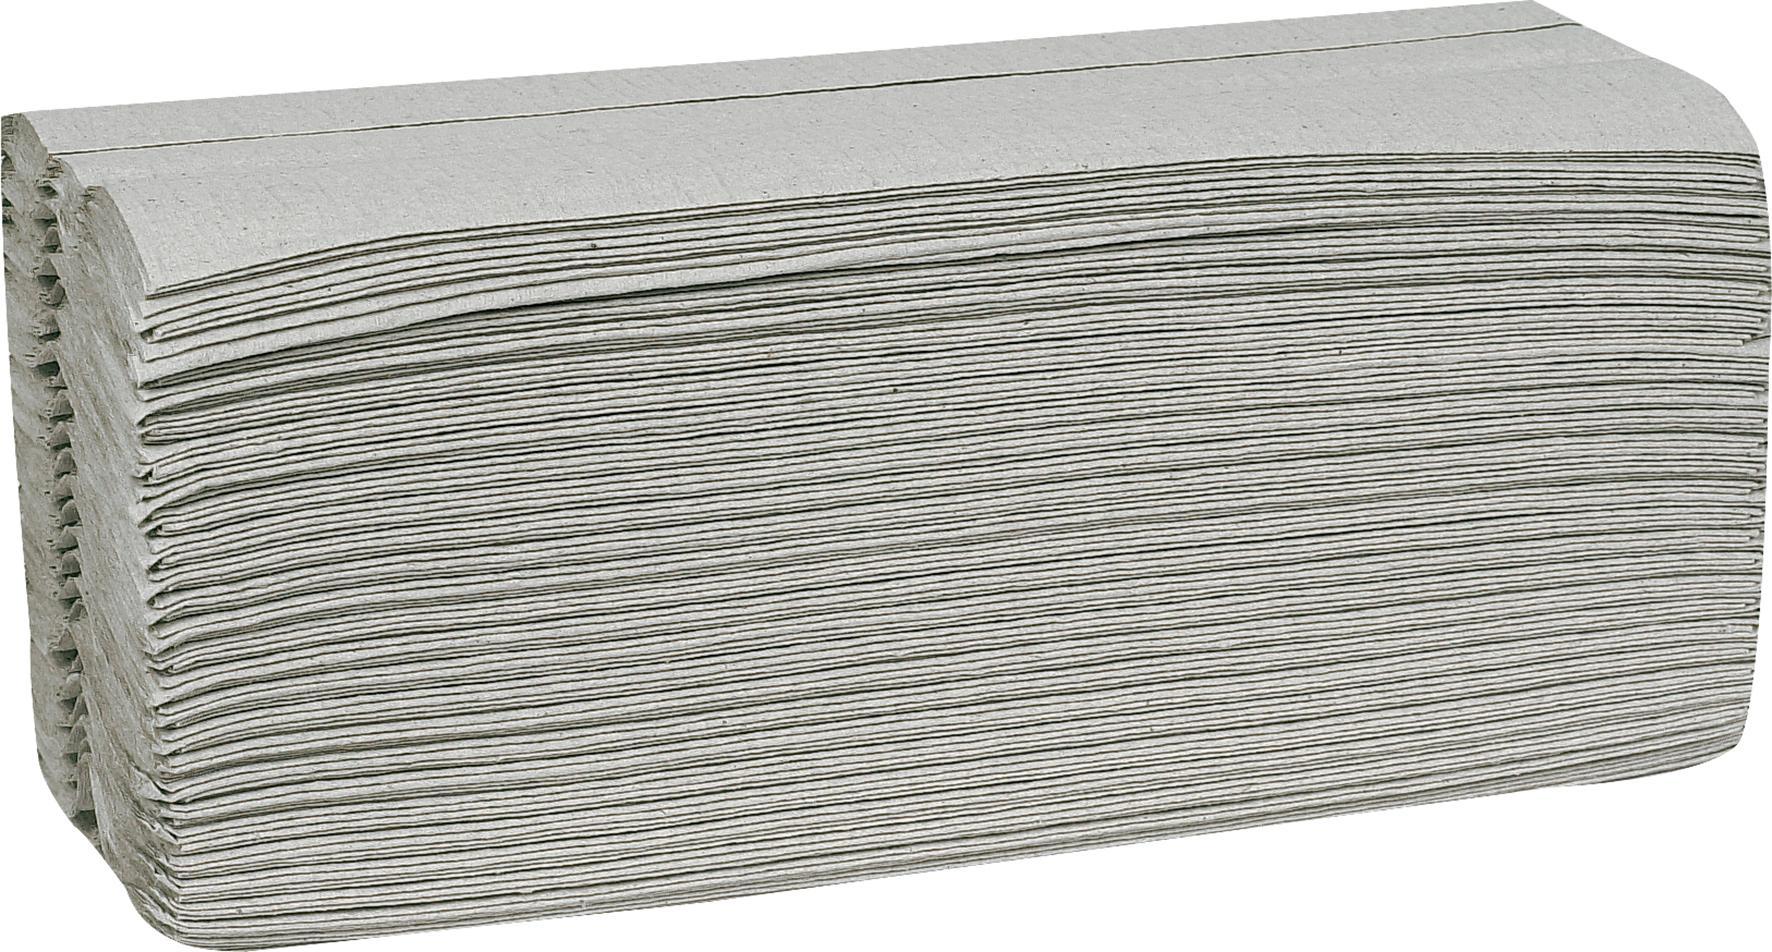 Handduk oblekt C-fold 4000 st